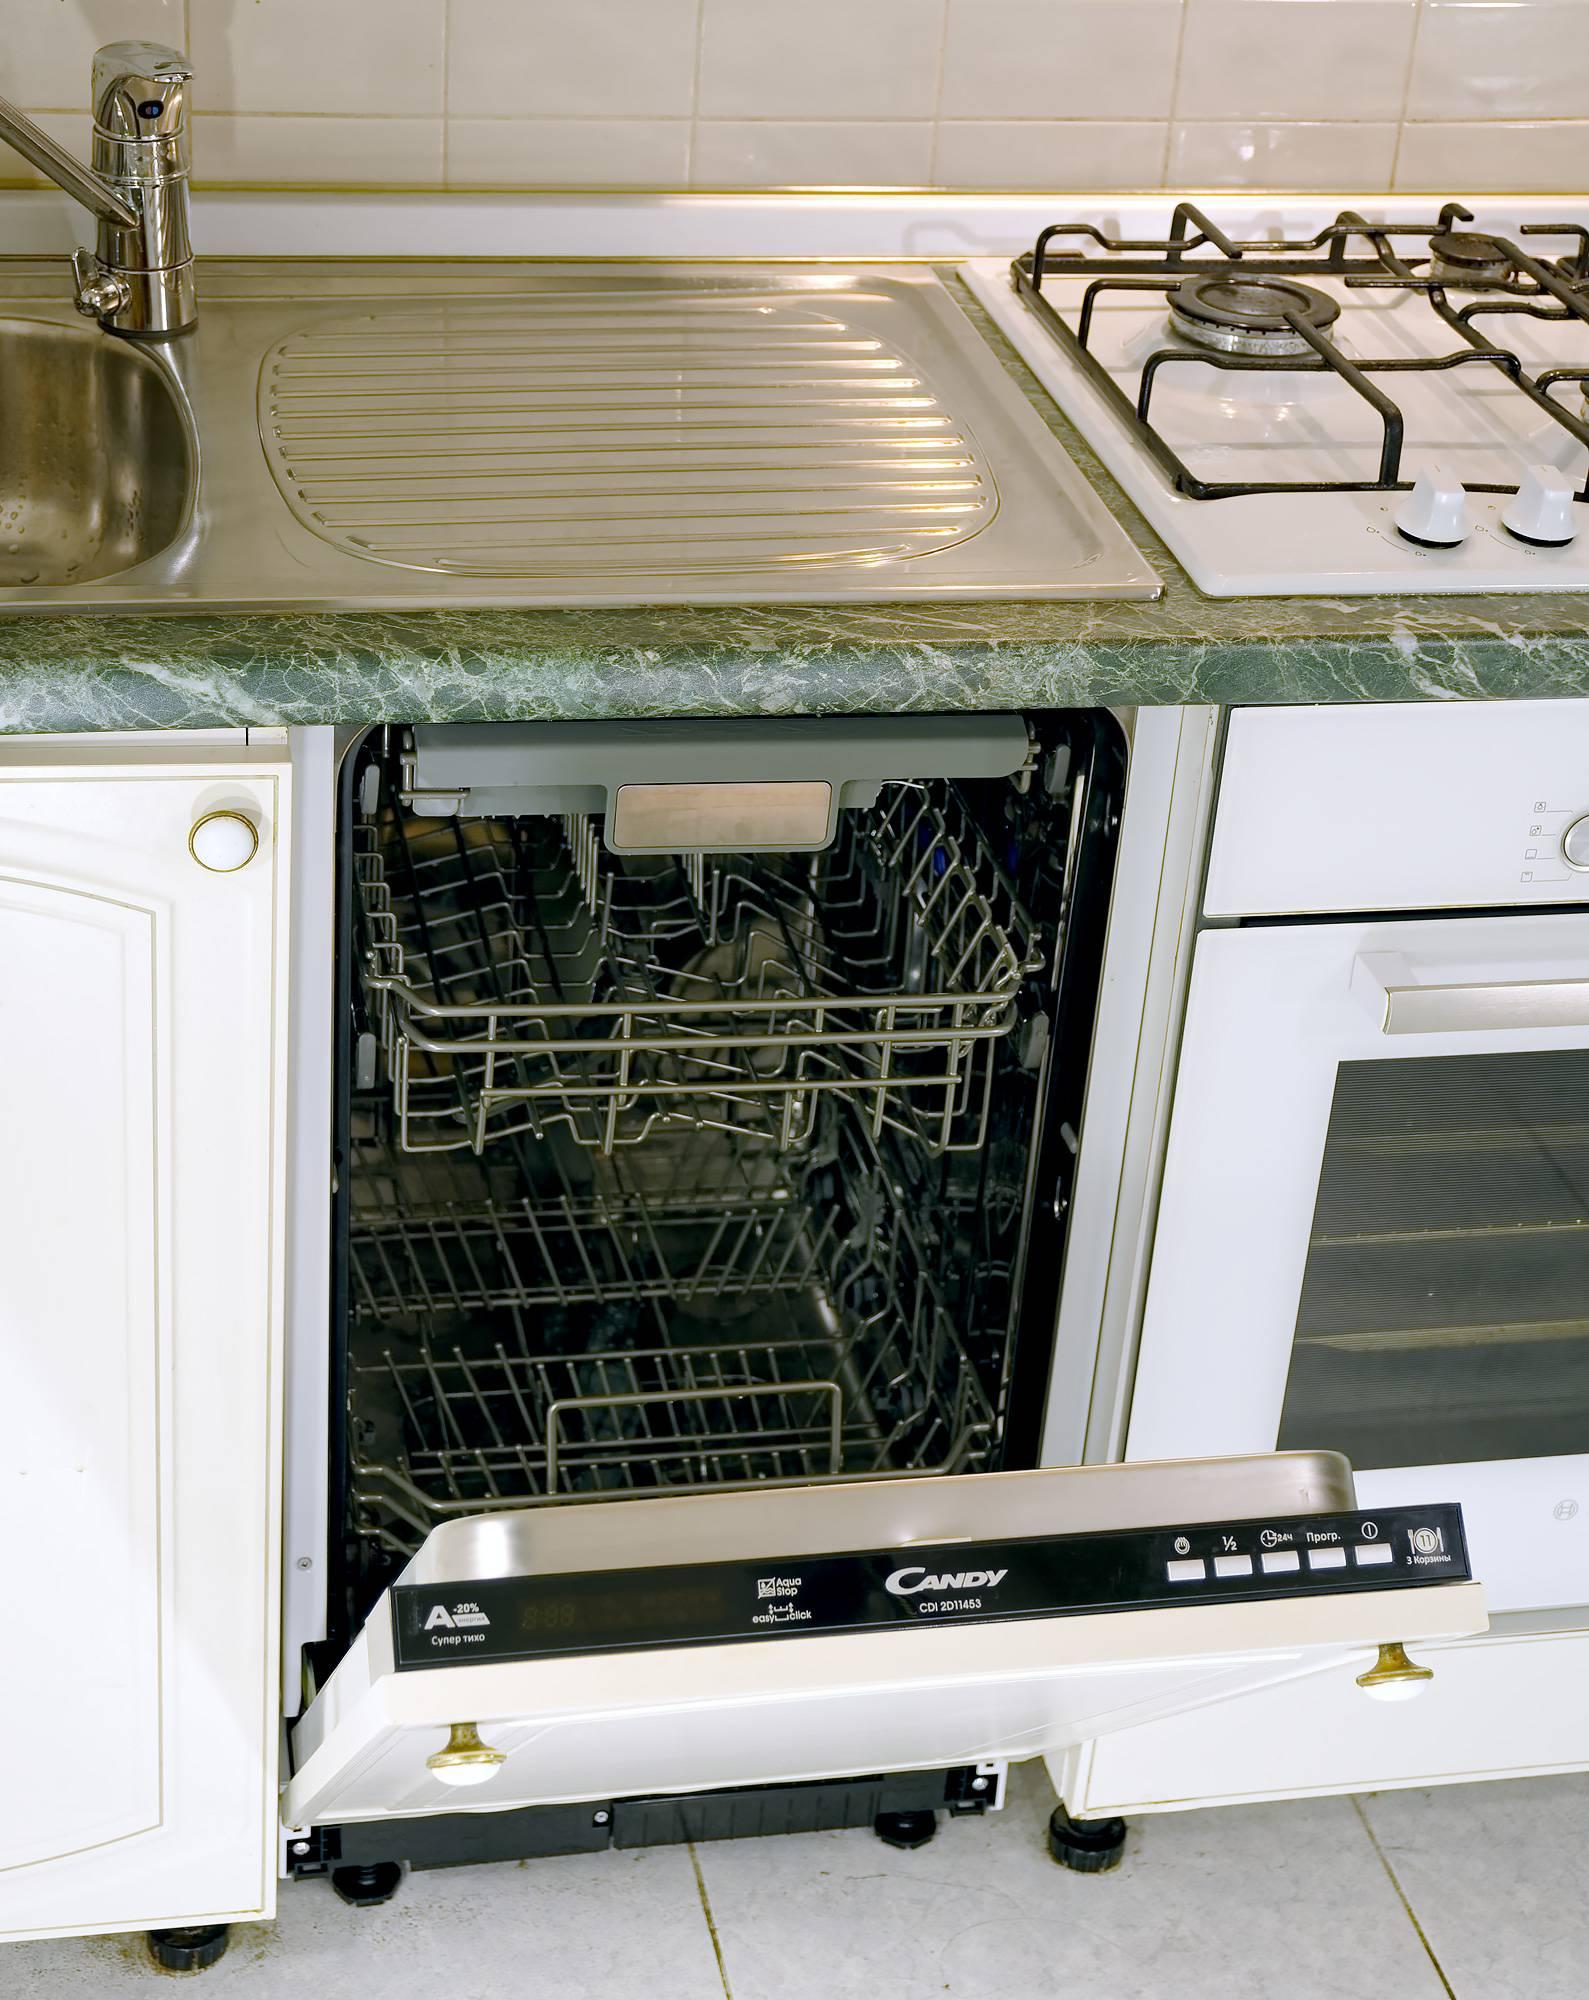 Посудомоечная машина candy: топ-5 моделей. обзор канди трио: посудомойки 3 в 1